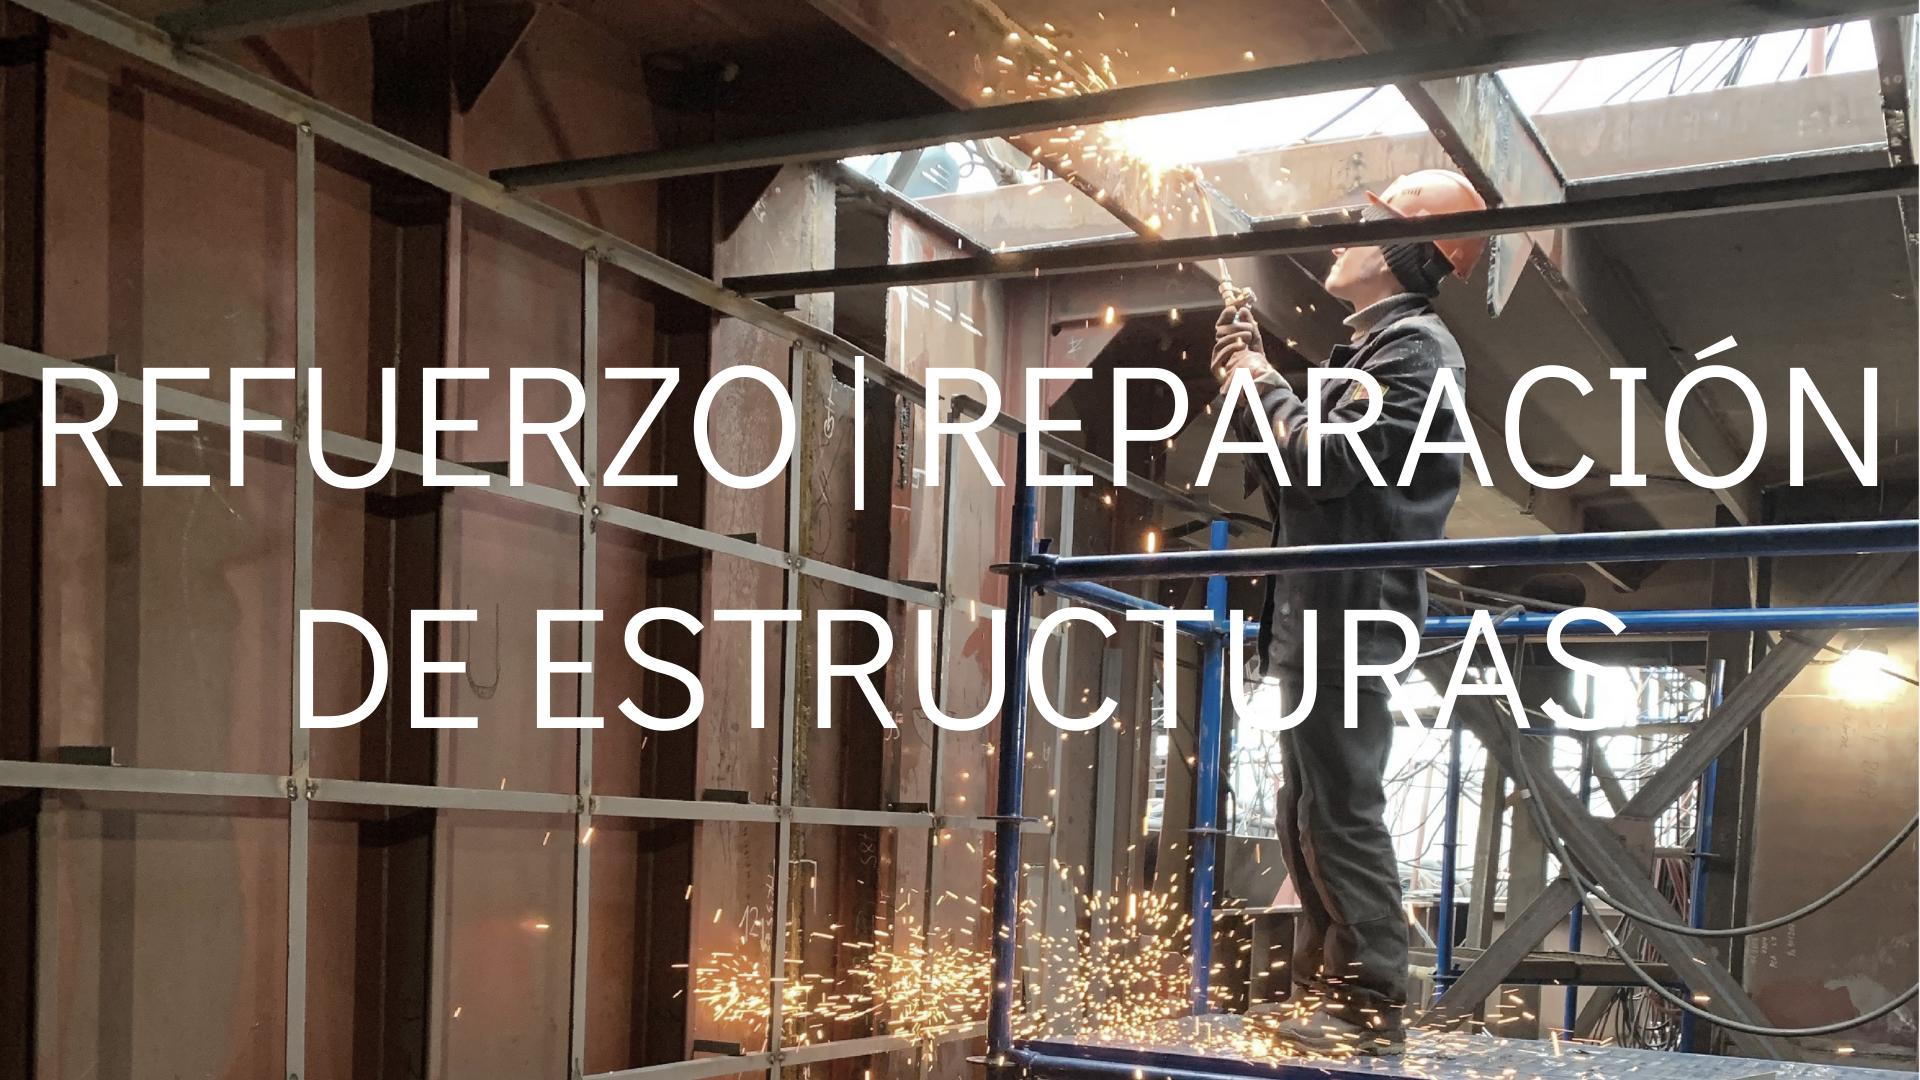 refuerzo reparacion de estructuras